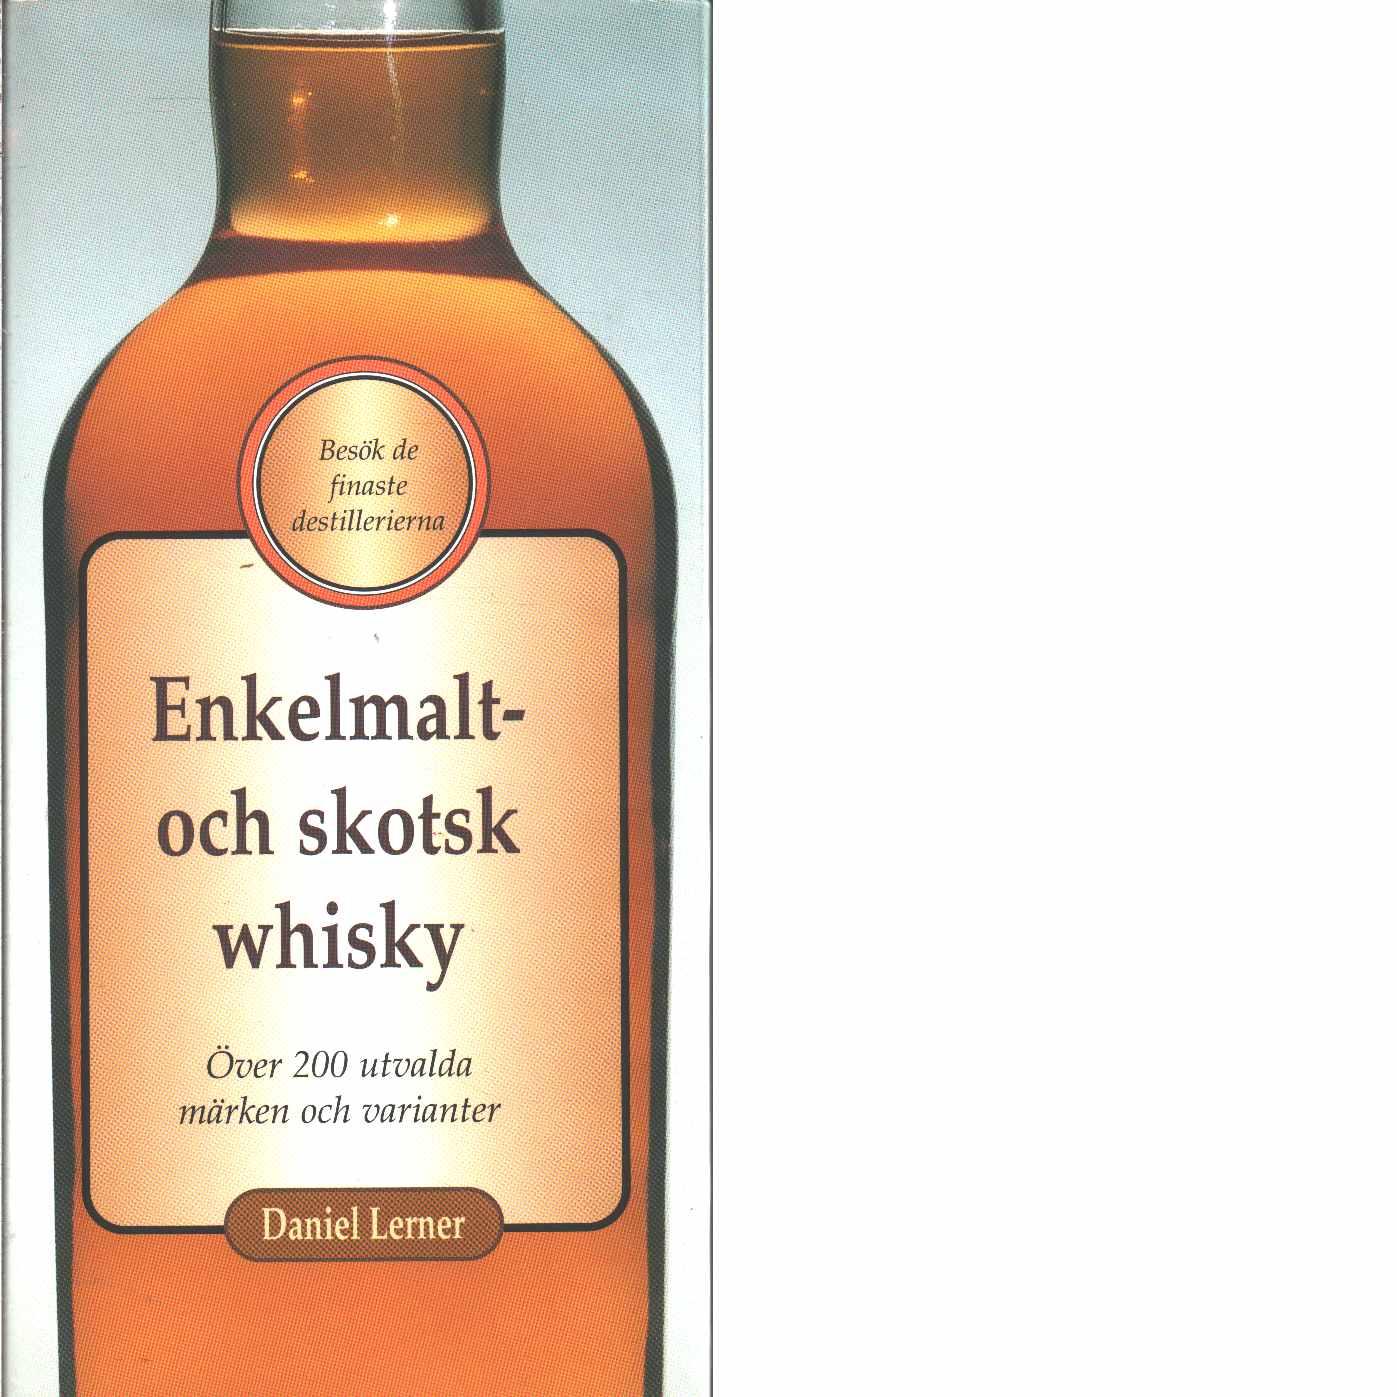 Enkelmalt- och skotsk whisky - Lerner, Daniel